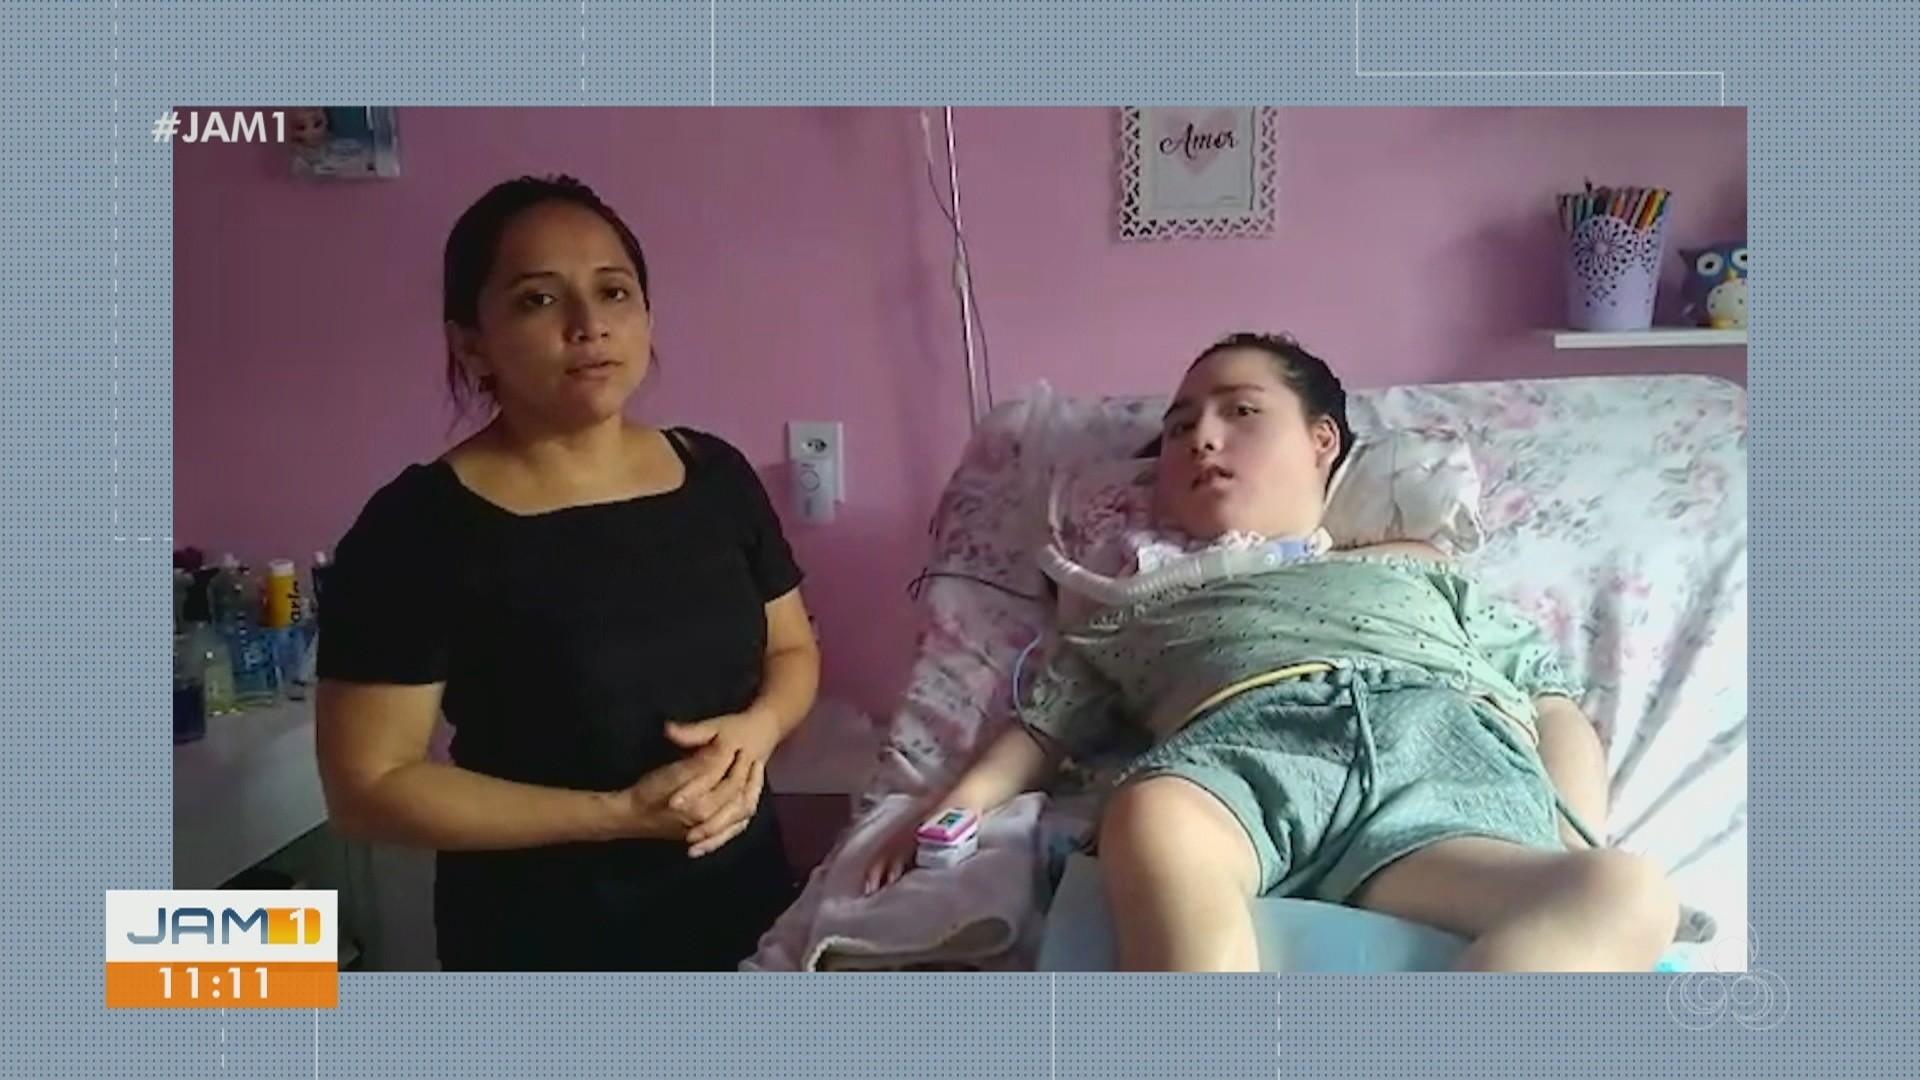 VÍDEOS: Mães de pacientes crônicos de Manaus pedem ajuda de oxigênio; veja destaques do JAM 1